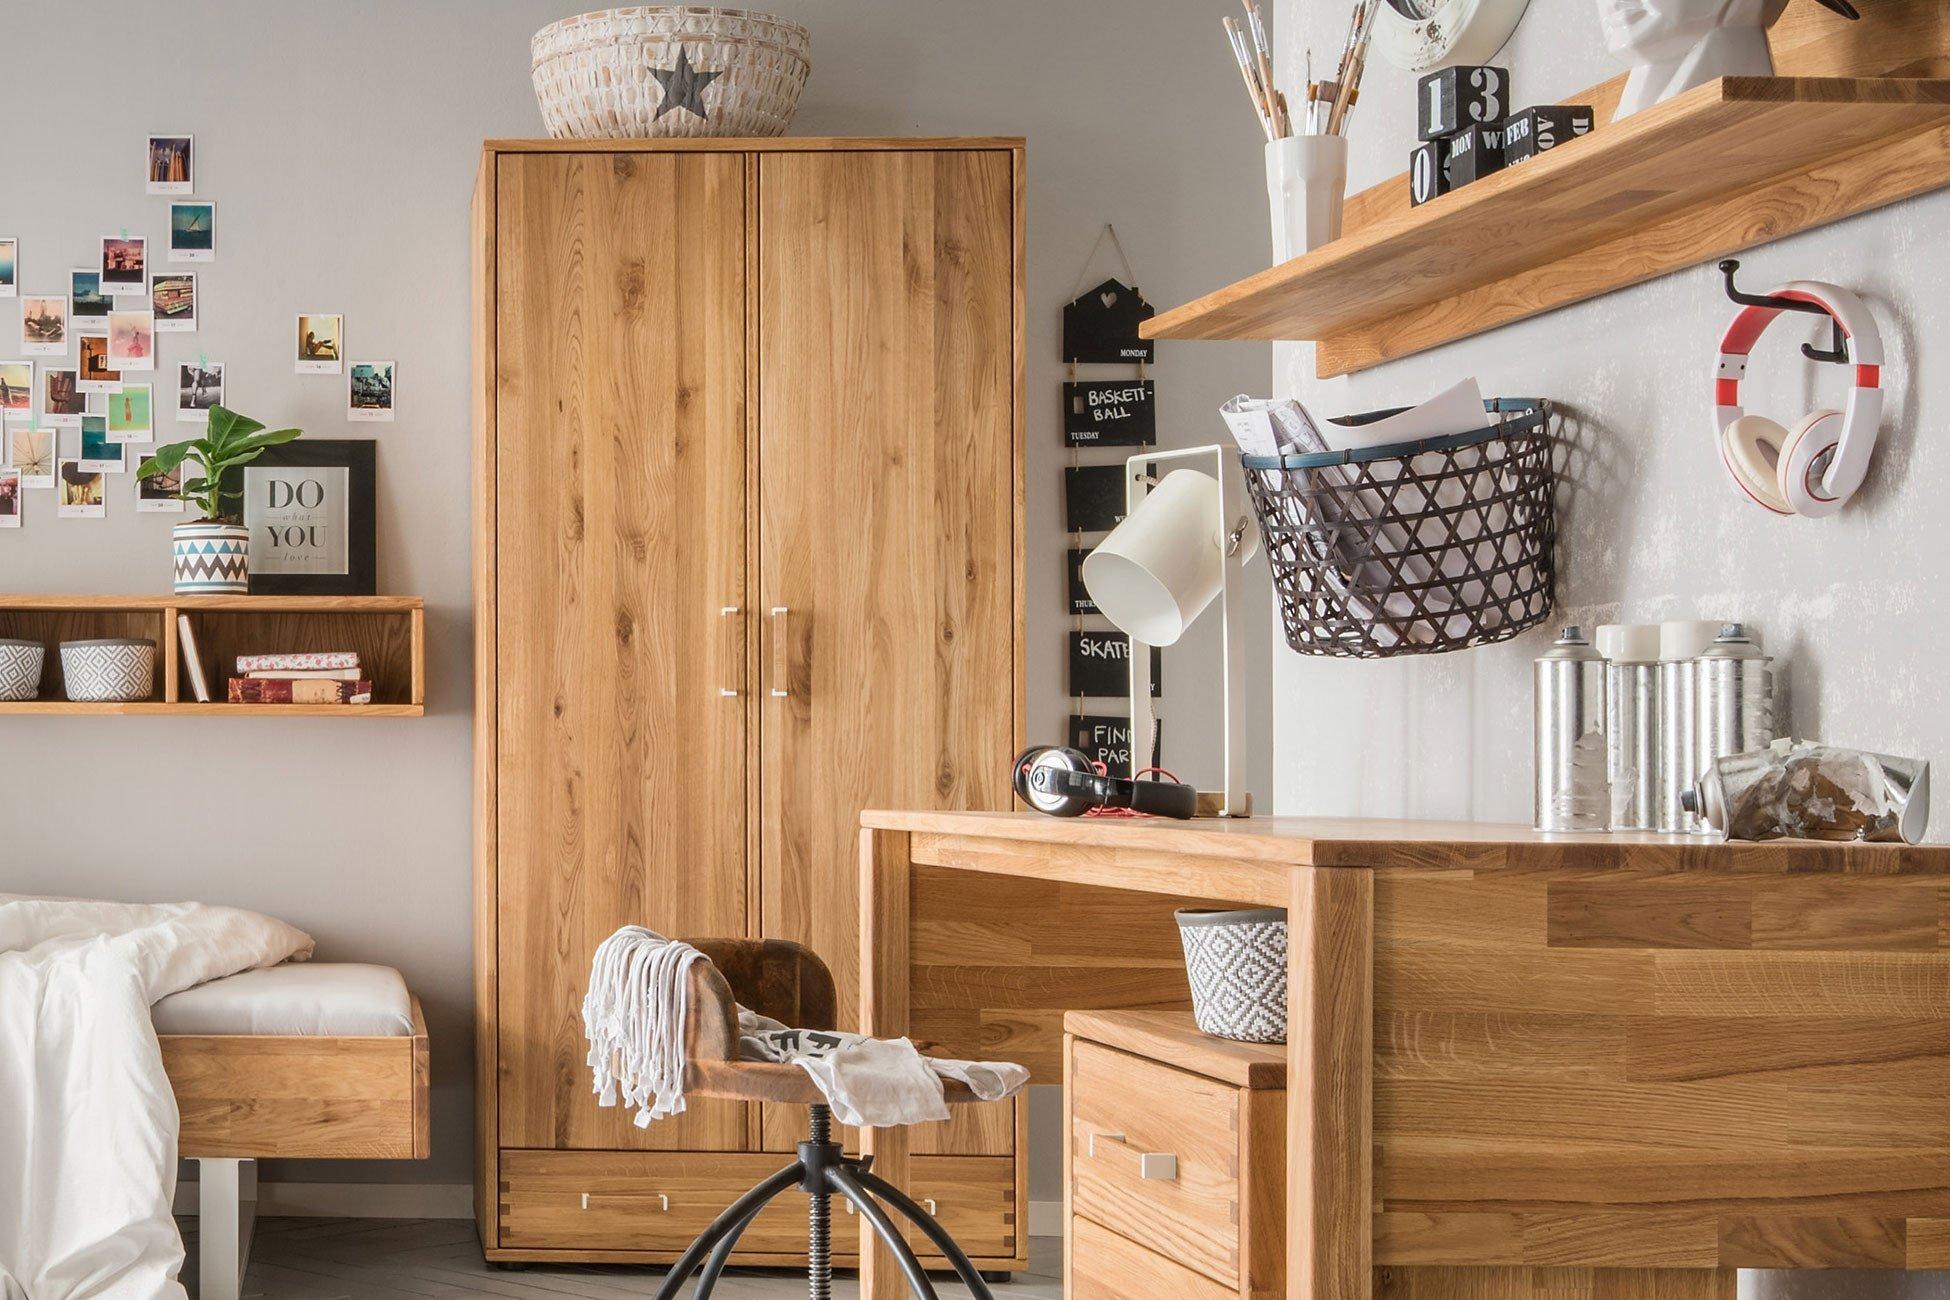 baumstamm schrank amazing baumstamm tisch wohnzimmer interesting full size baumstamm fr tisch. Black Bedroom Furniture Sets. Home Design Ideas